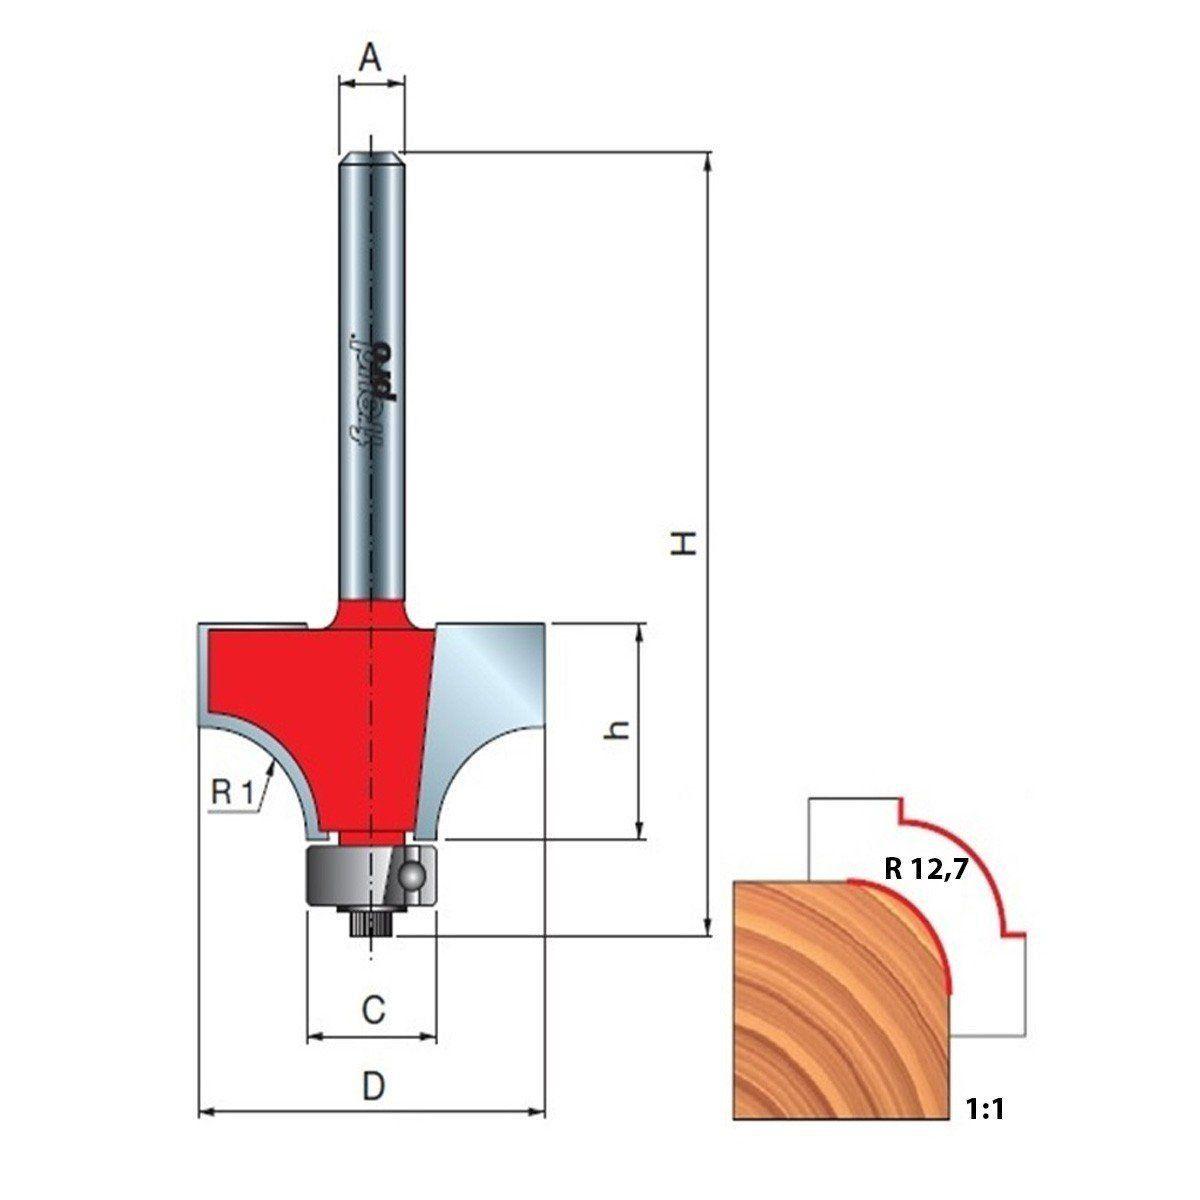 Fresa Tipo Cordão para Tupia Raio 12,7 mm 34-12612 Freud